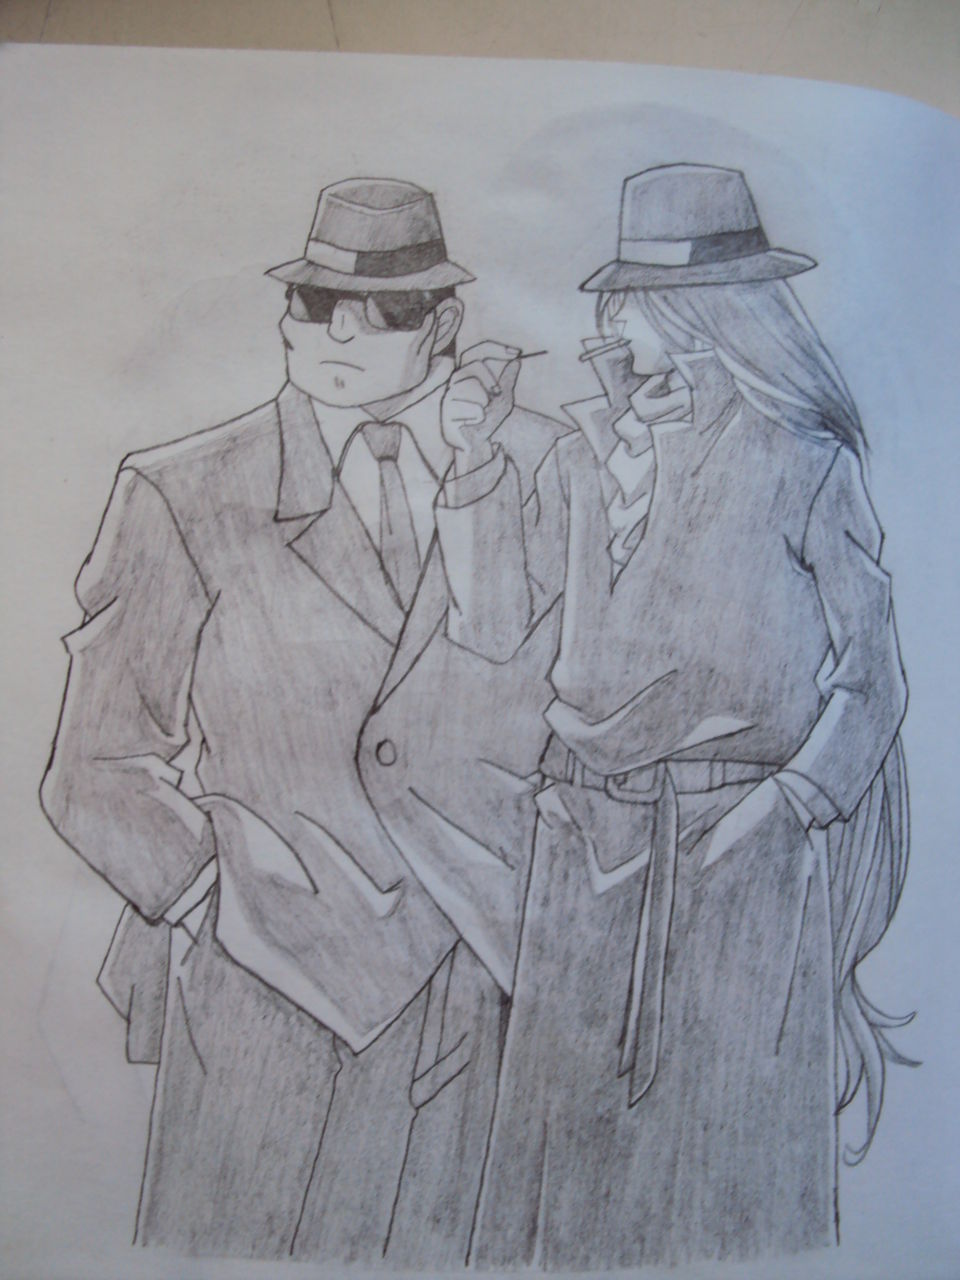 银手绘】我用 铅笔画 的 柯南 中的各种人物-4k柯南手绘铅笔画